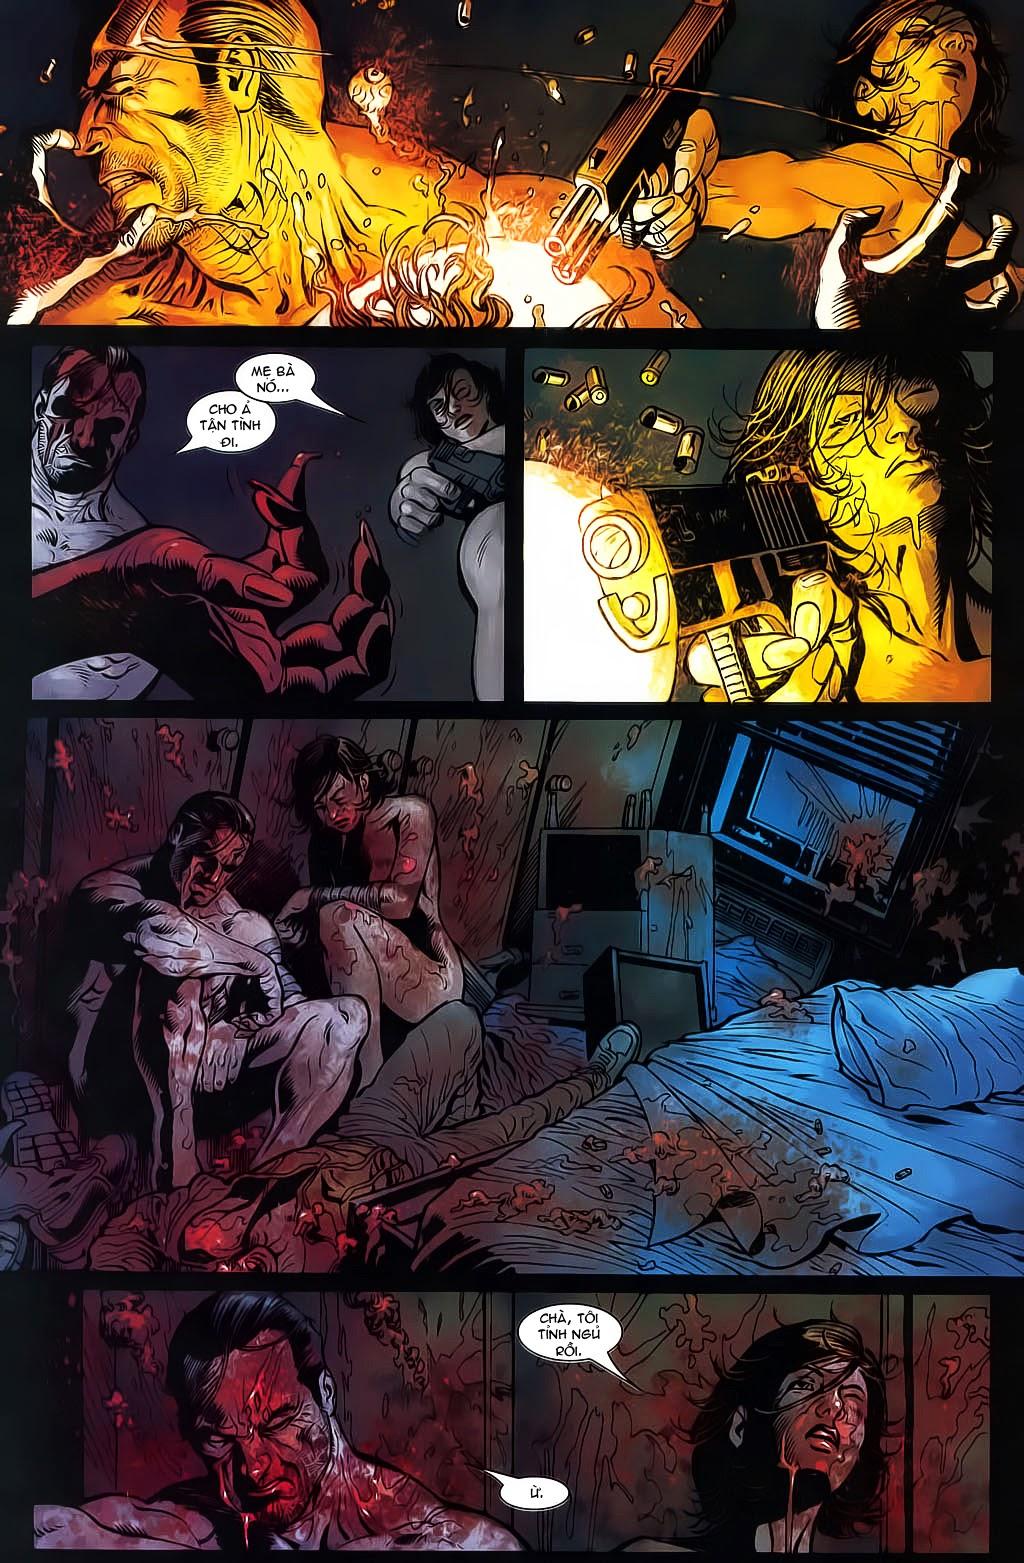 The Punisher: Trên là Dưới & Trắng là Đen chap 6 - Trang 9